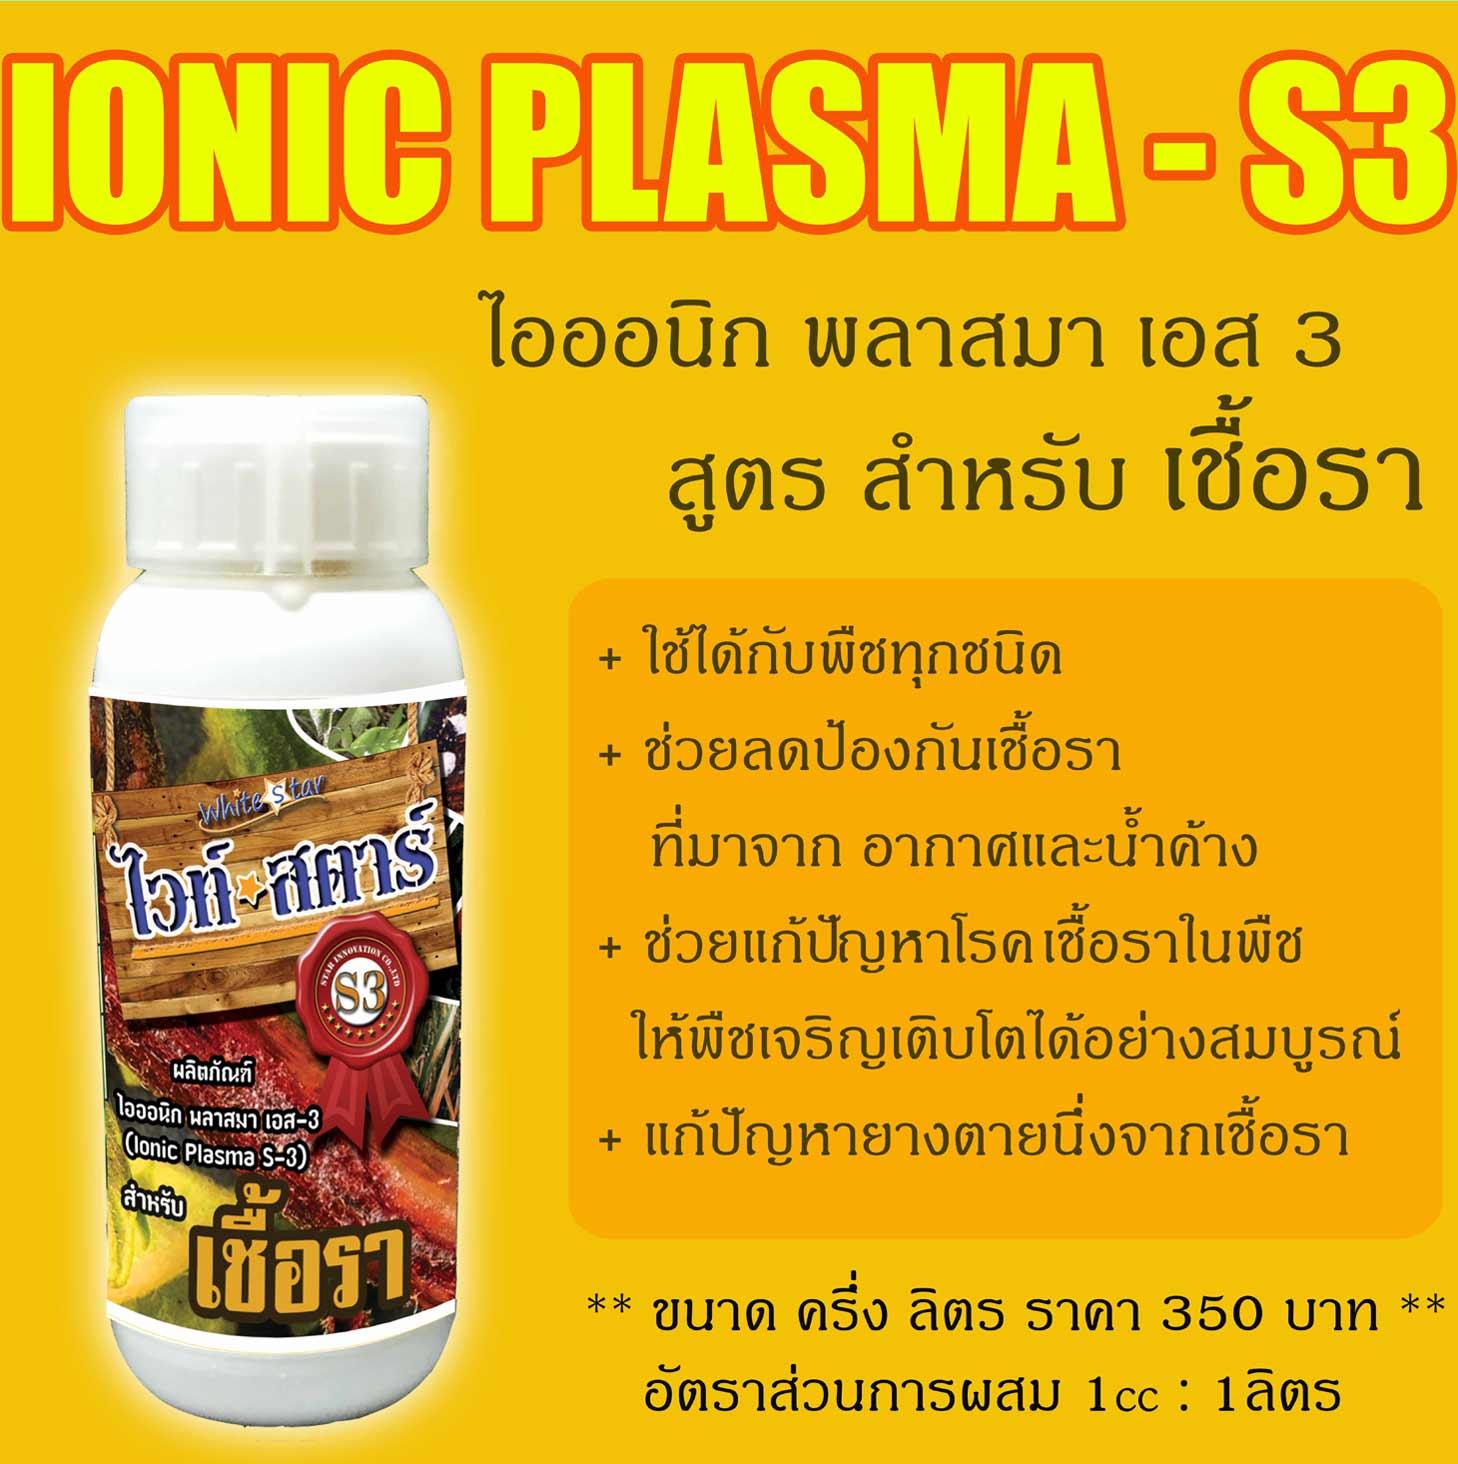 Ionic Plasma S3 ไอออนิก พลาสมา สำหรับ รา 500 ml